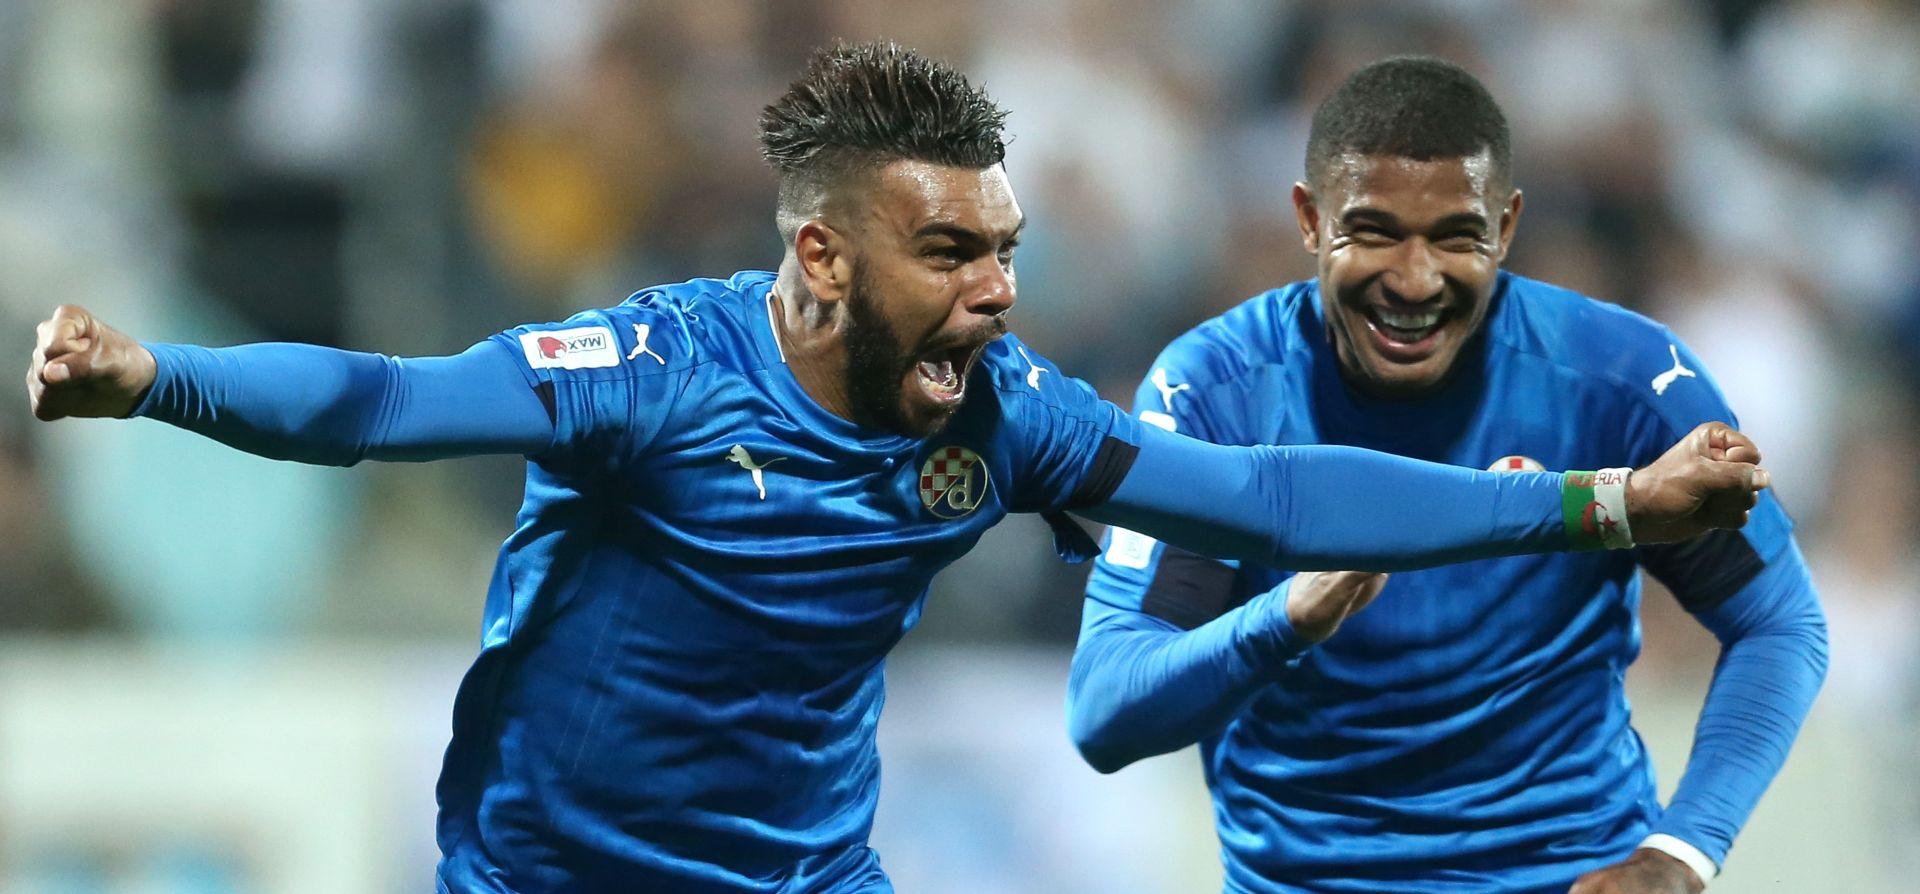 KOMISIJA ZA ŽALBE Ukinuta kazna Soudaniju, igra protiv Hajduka